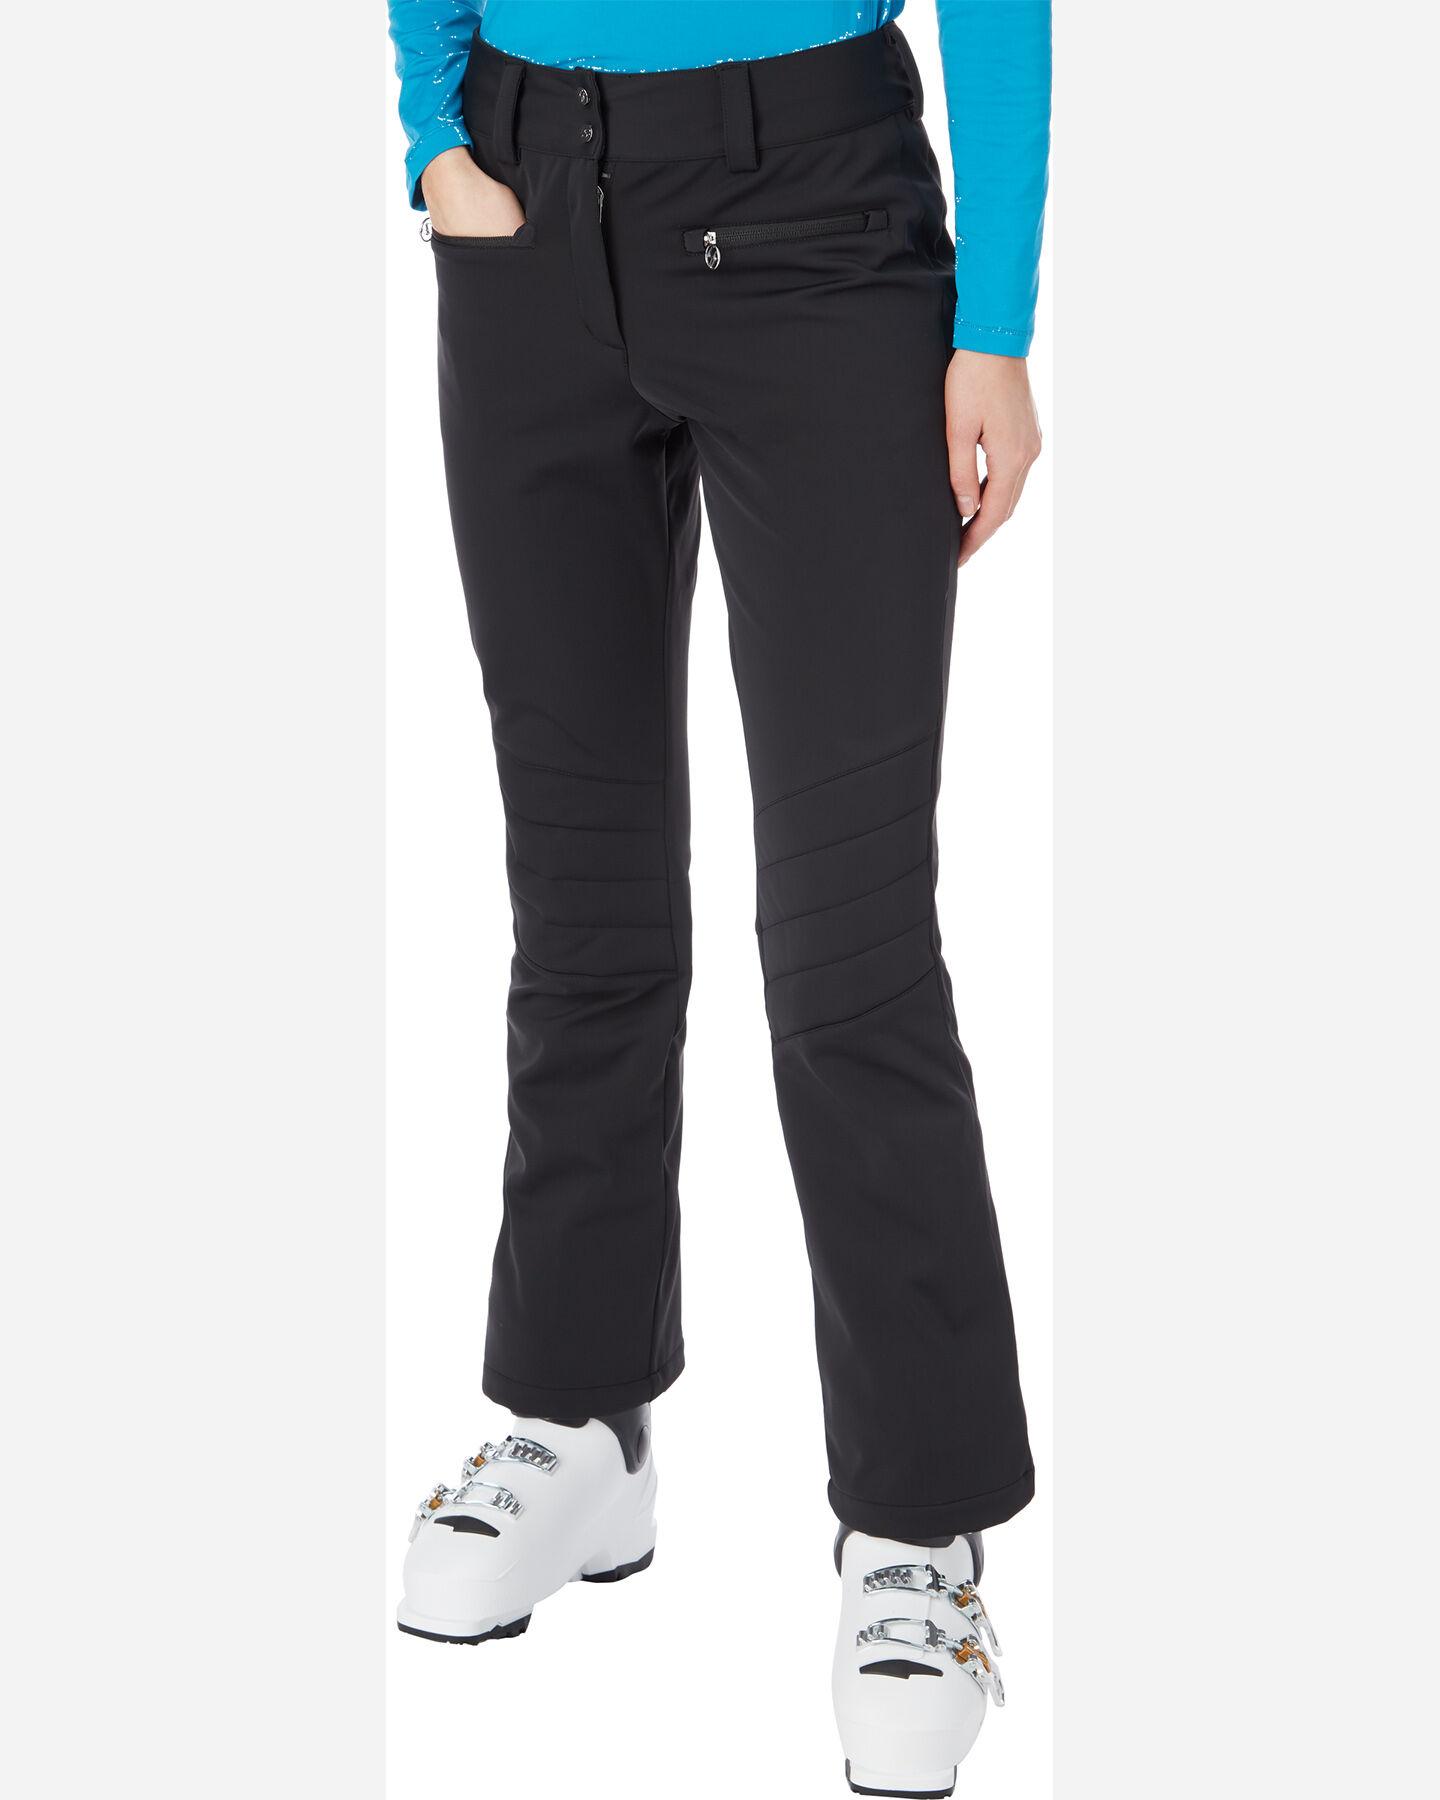 Pantalone sci MCKINLEY GAEL W S5208422 scatto 1